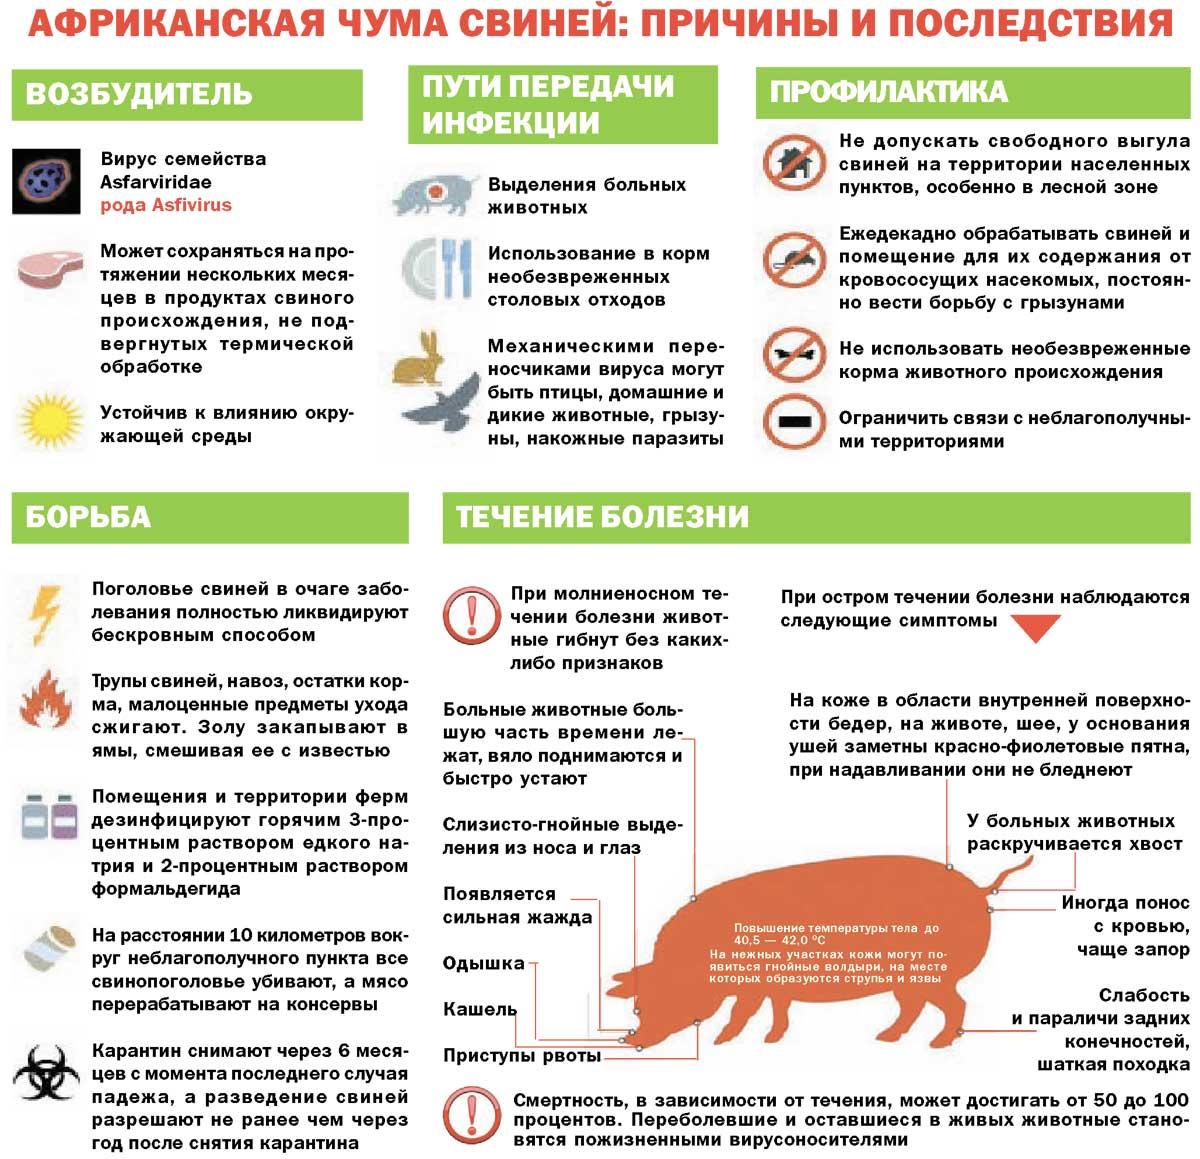 Амидостомоз у кур: симптомы, диагностика, лечение, меры профилактики, препараты